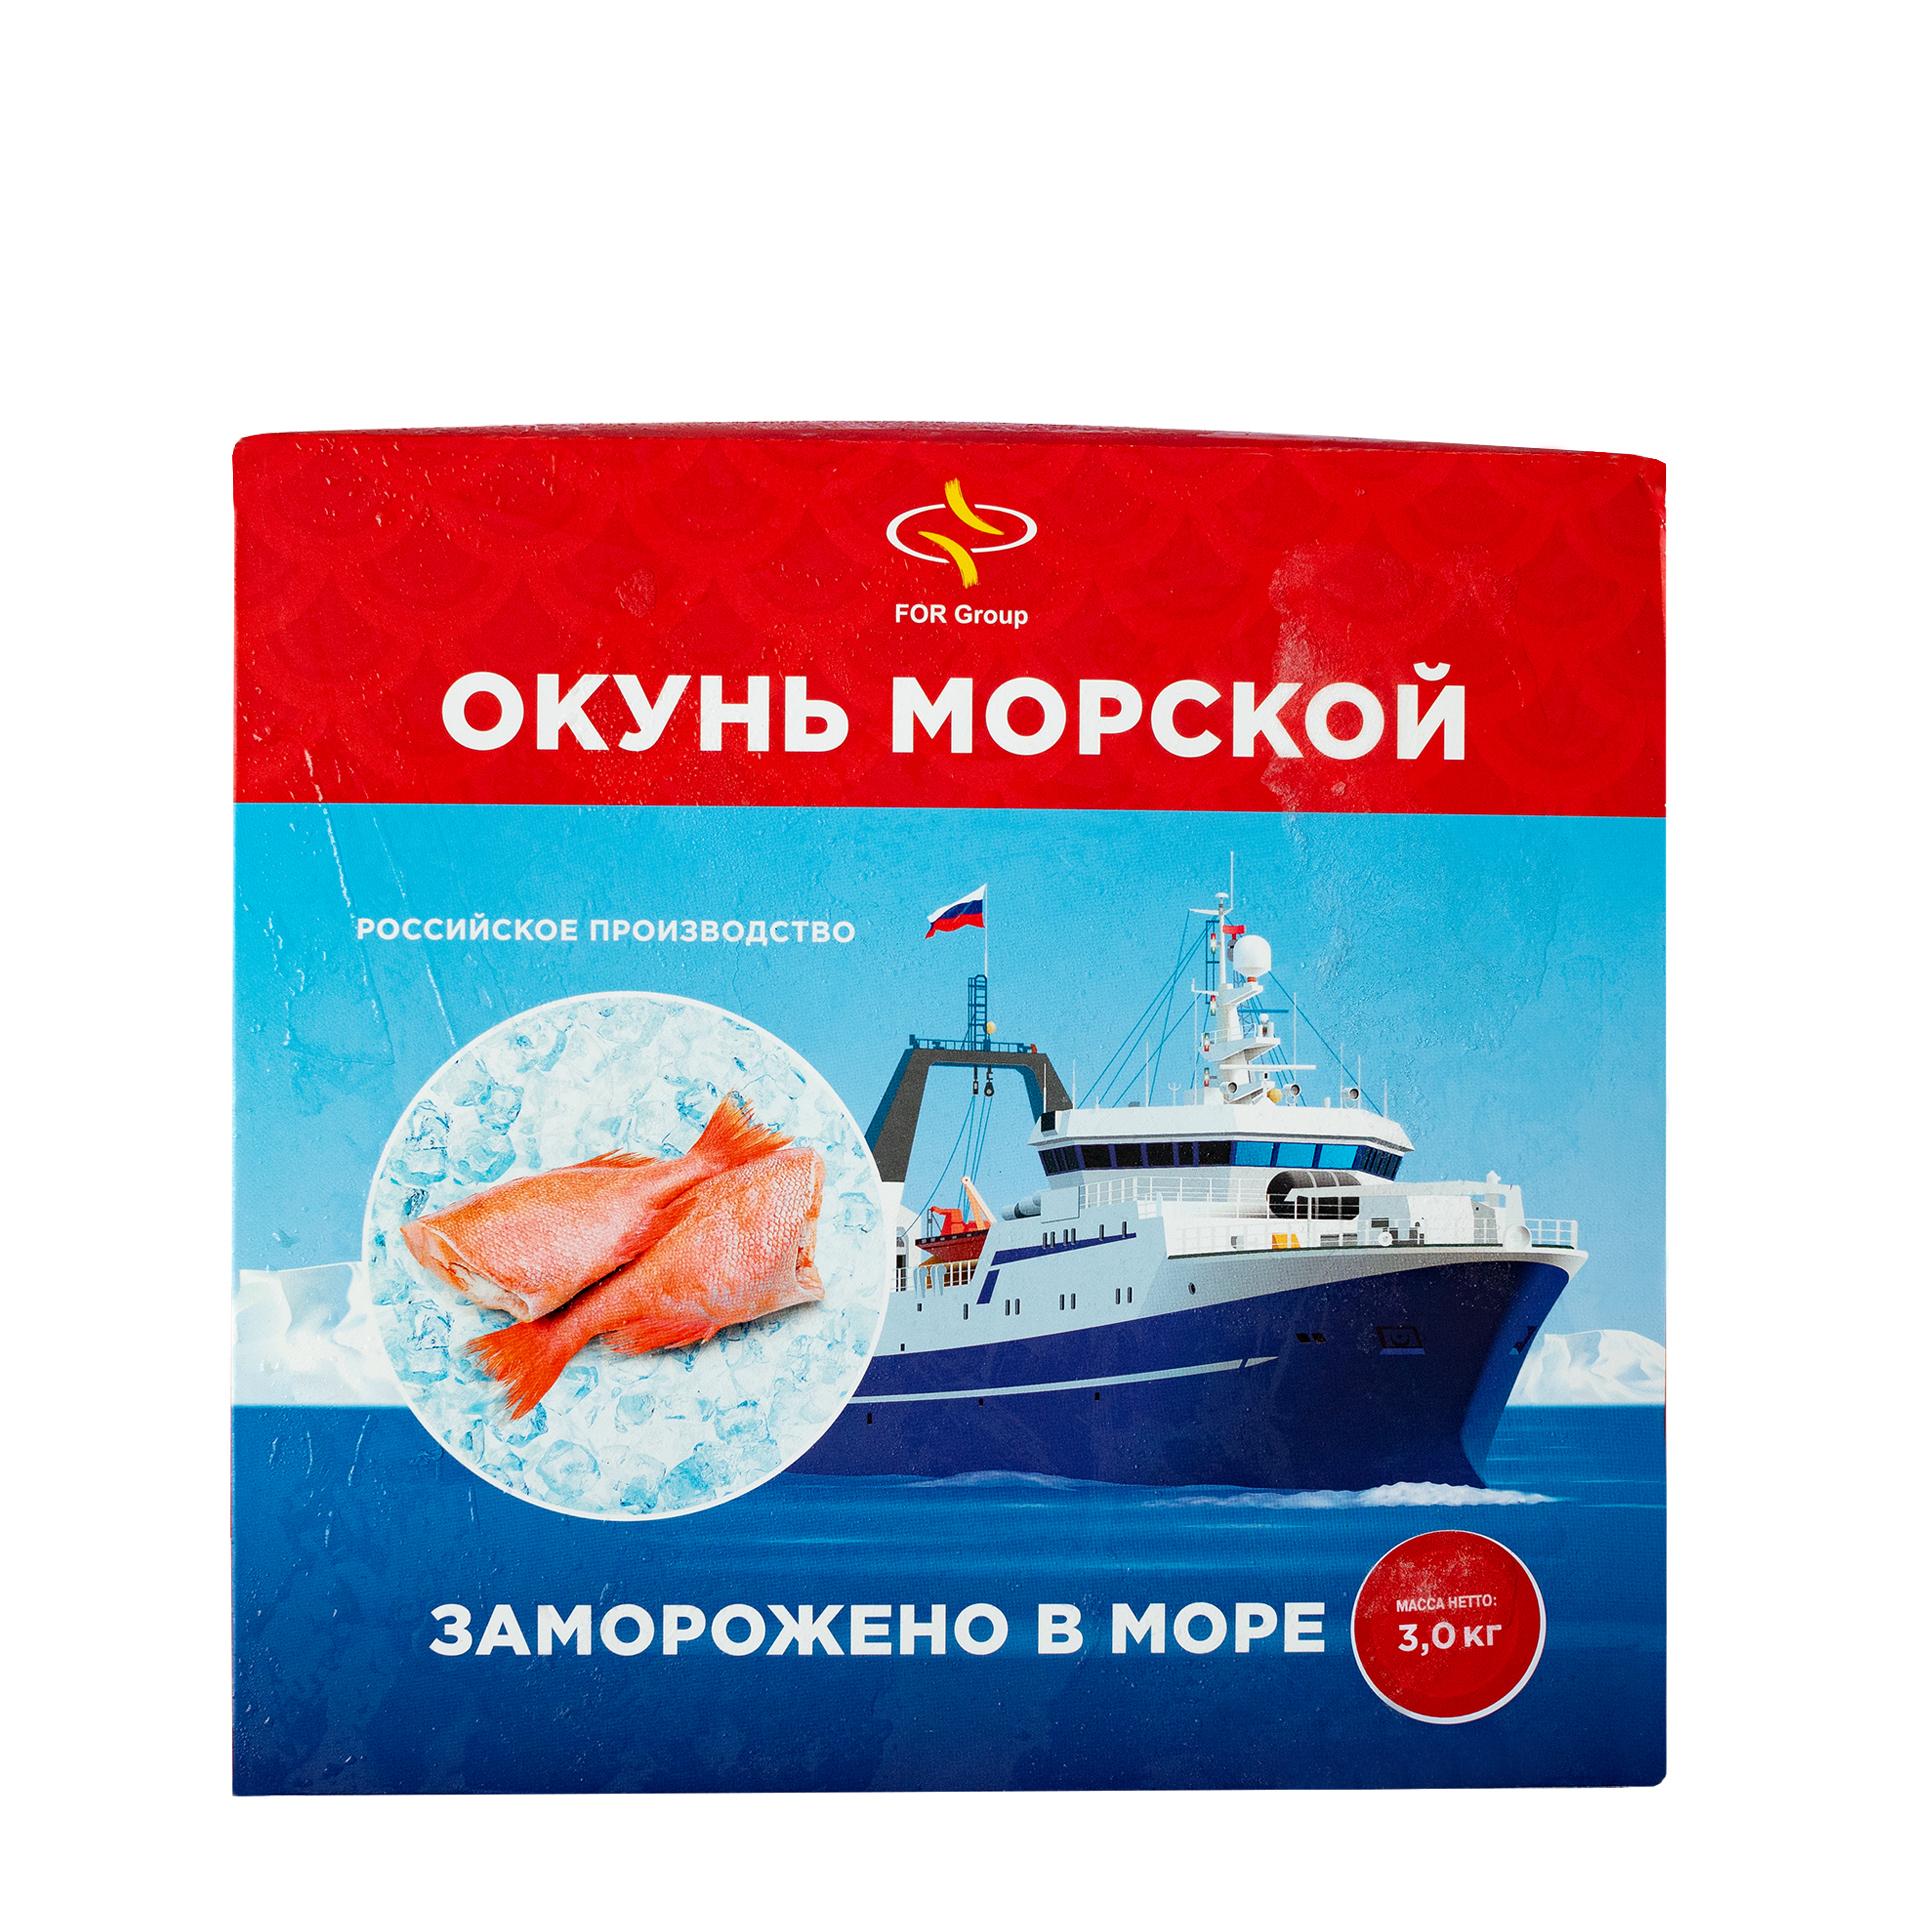 Морской окунь, сухая заморозка 3 кг